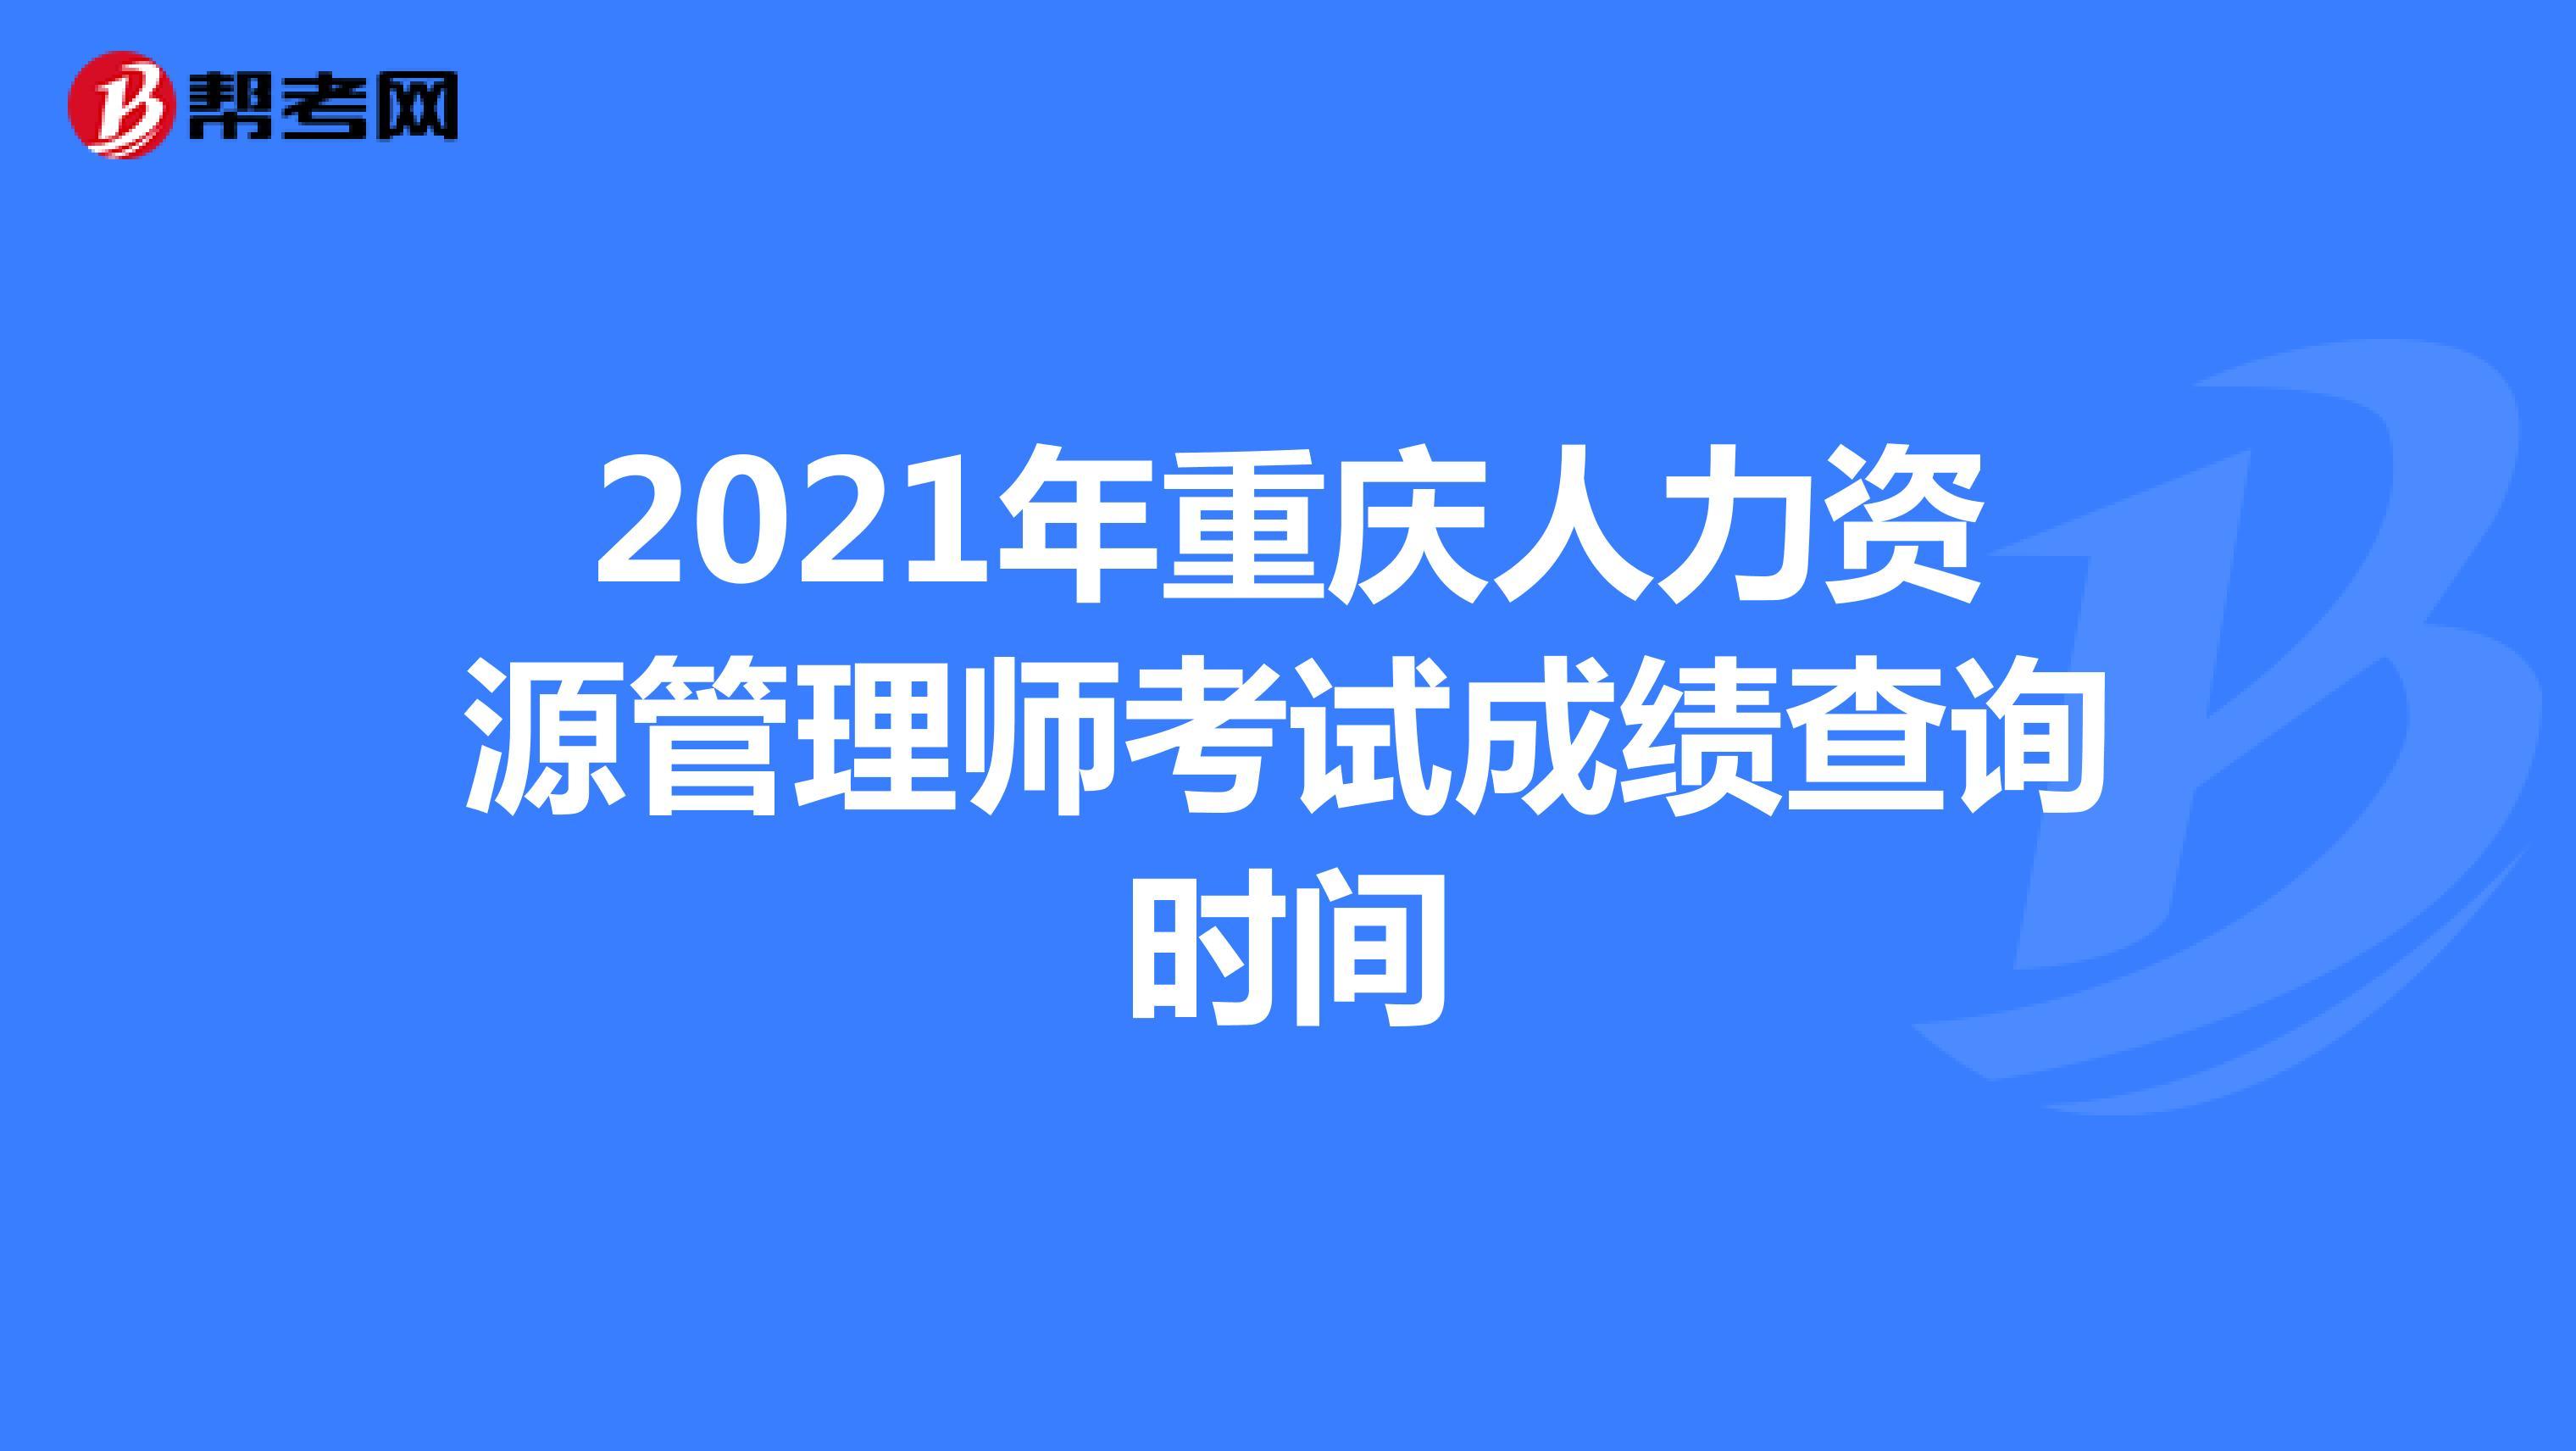 2021年重庆人力资源管理师考试成绩查询时间